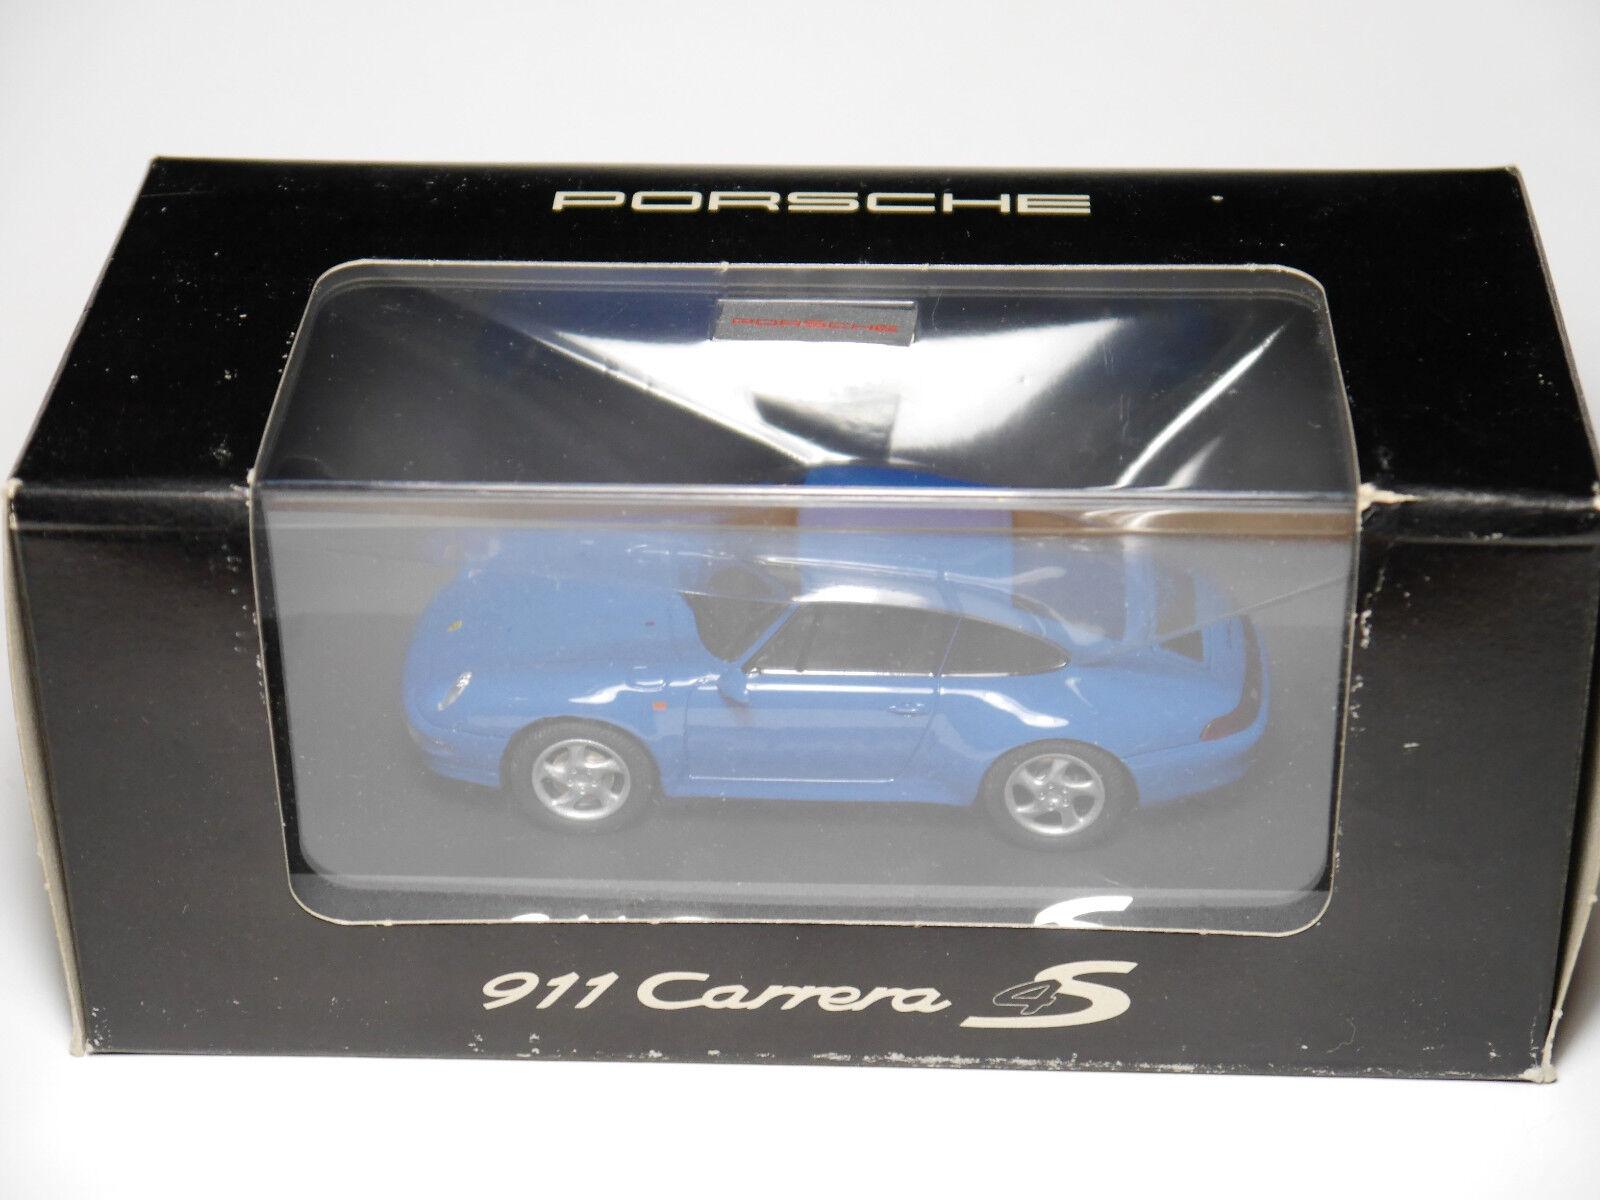 Porsche 911  993  Coupe 4S in blau bleu blu blu, Schuco WAP 020 016 1:43 boxed